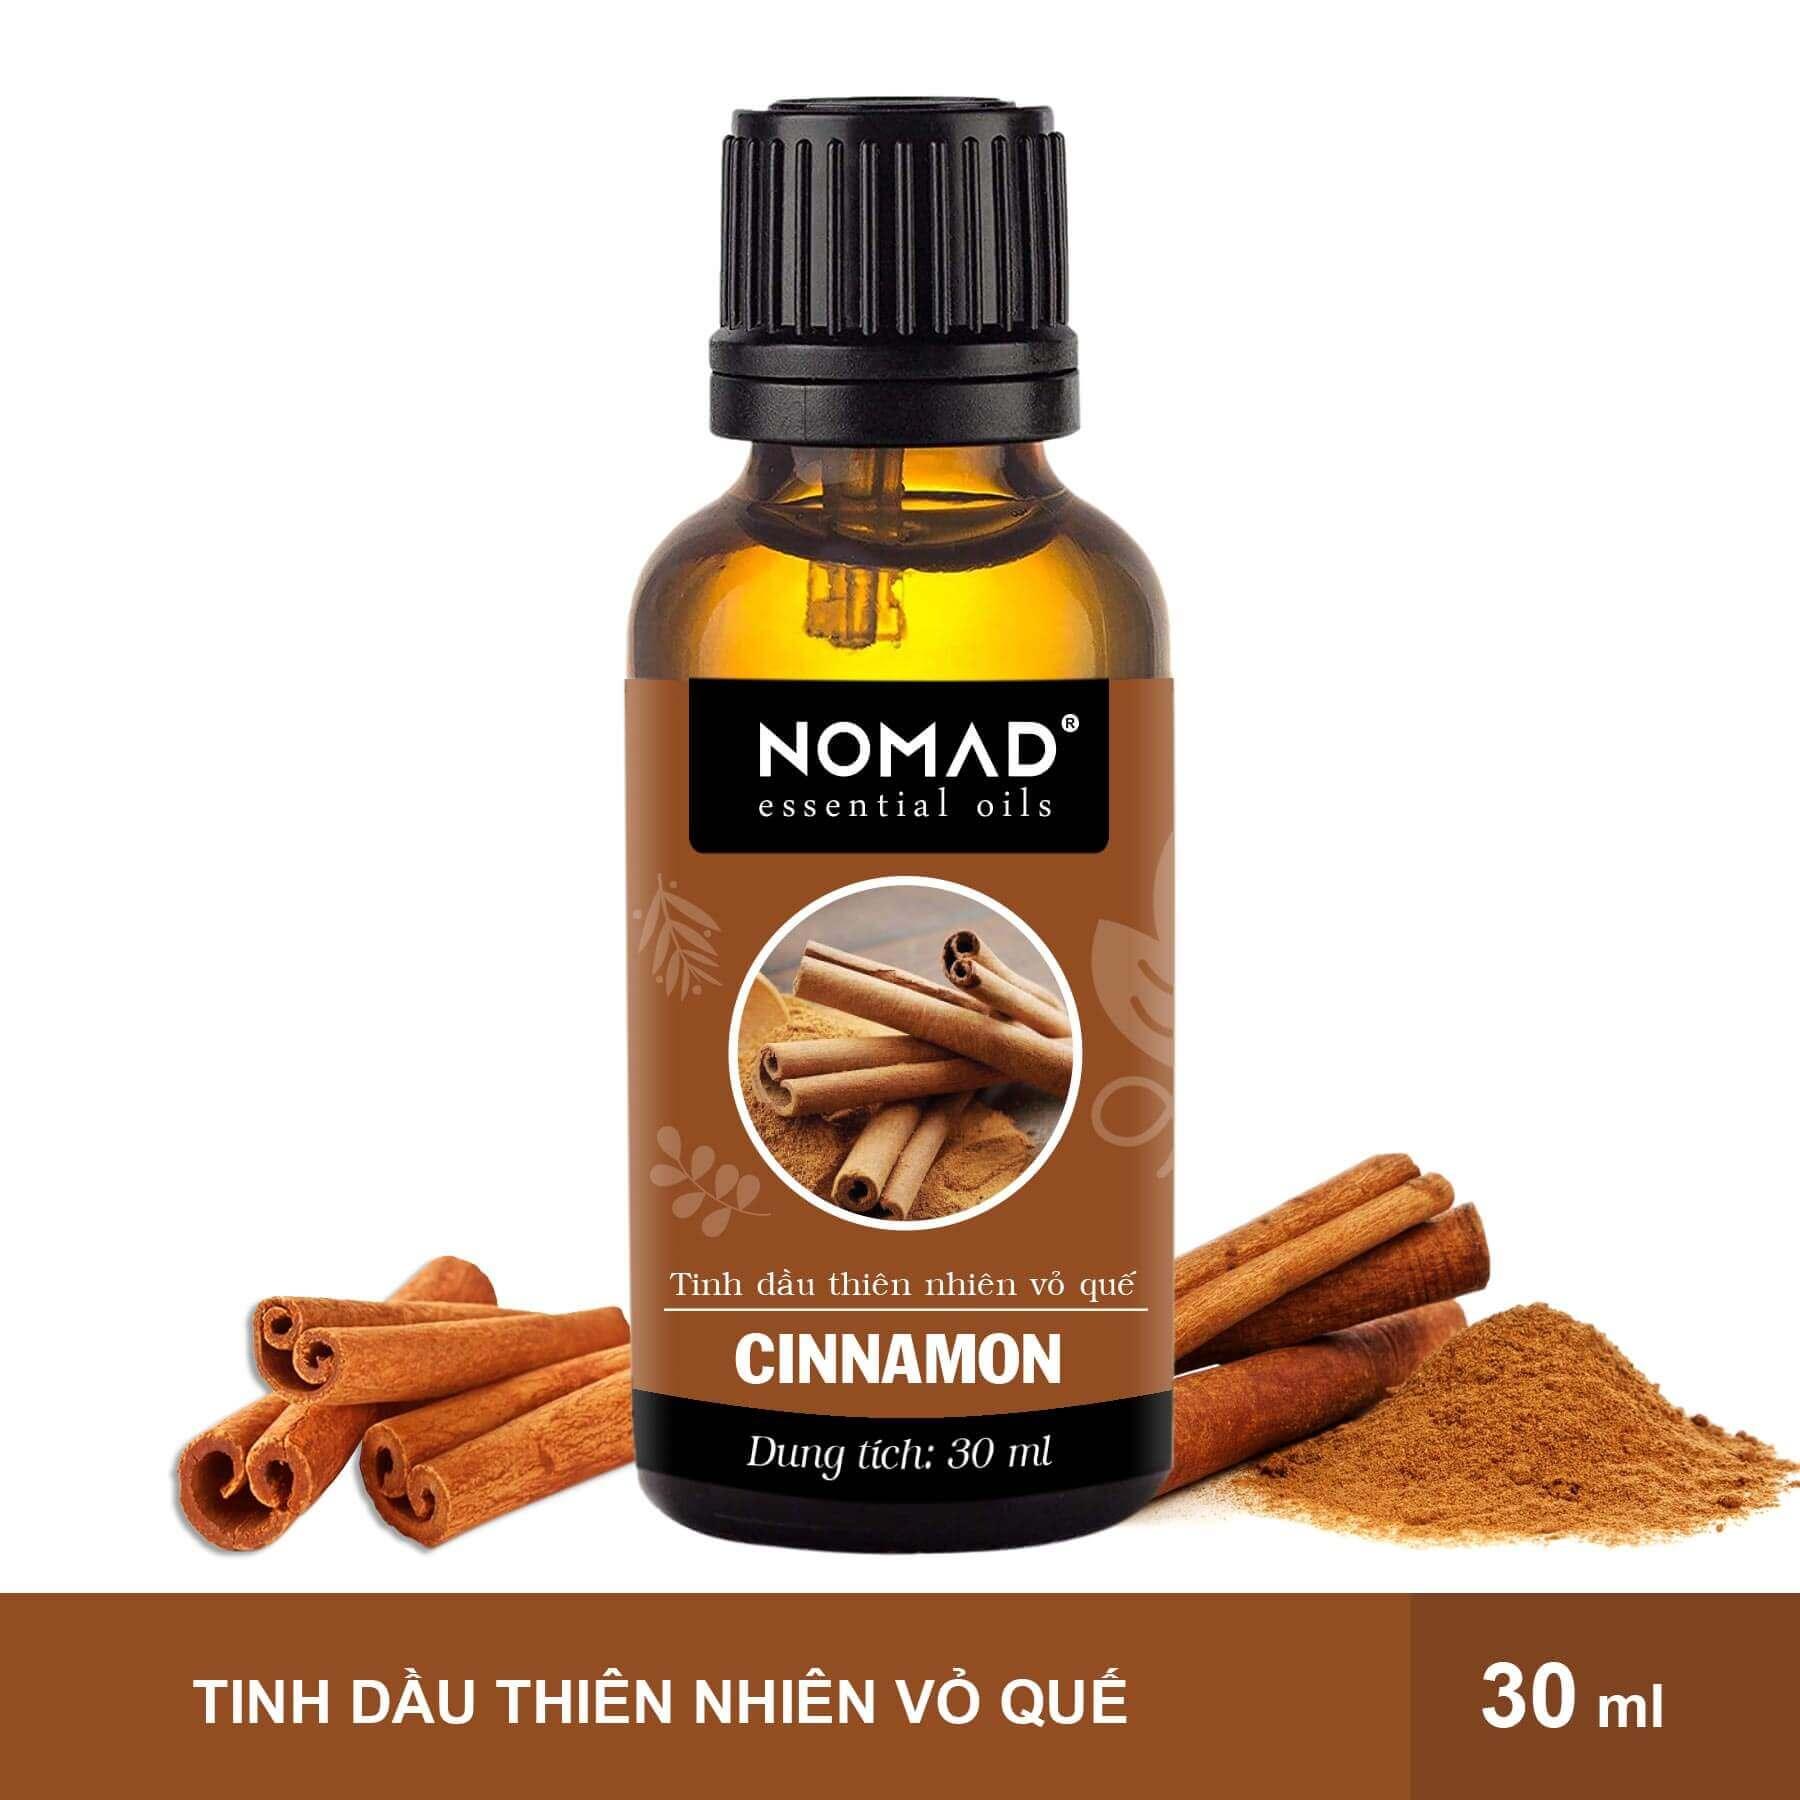 Tinh Dầu Thiên Nhiên Vỏ Quế Nomad Essential Oils Cinnamon